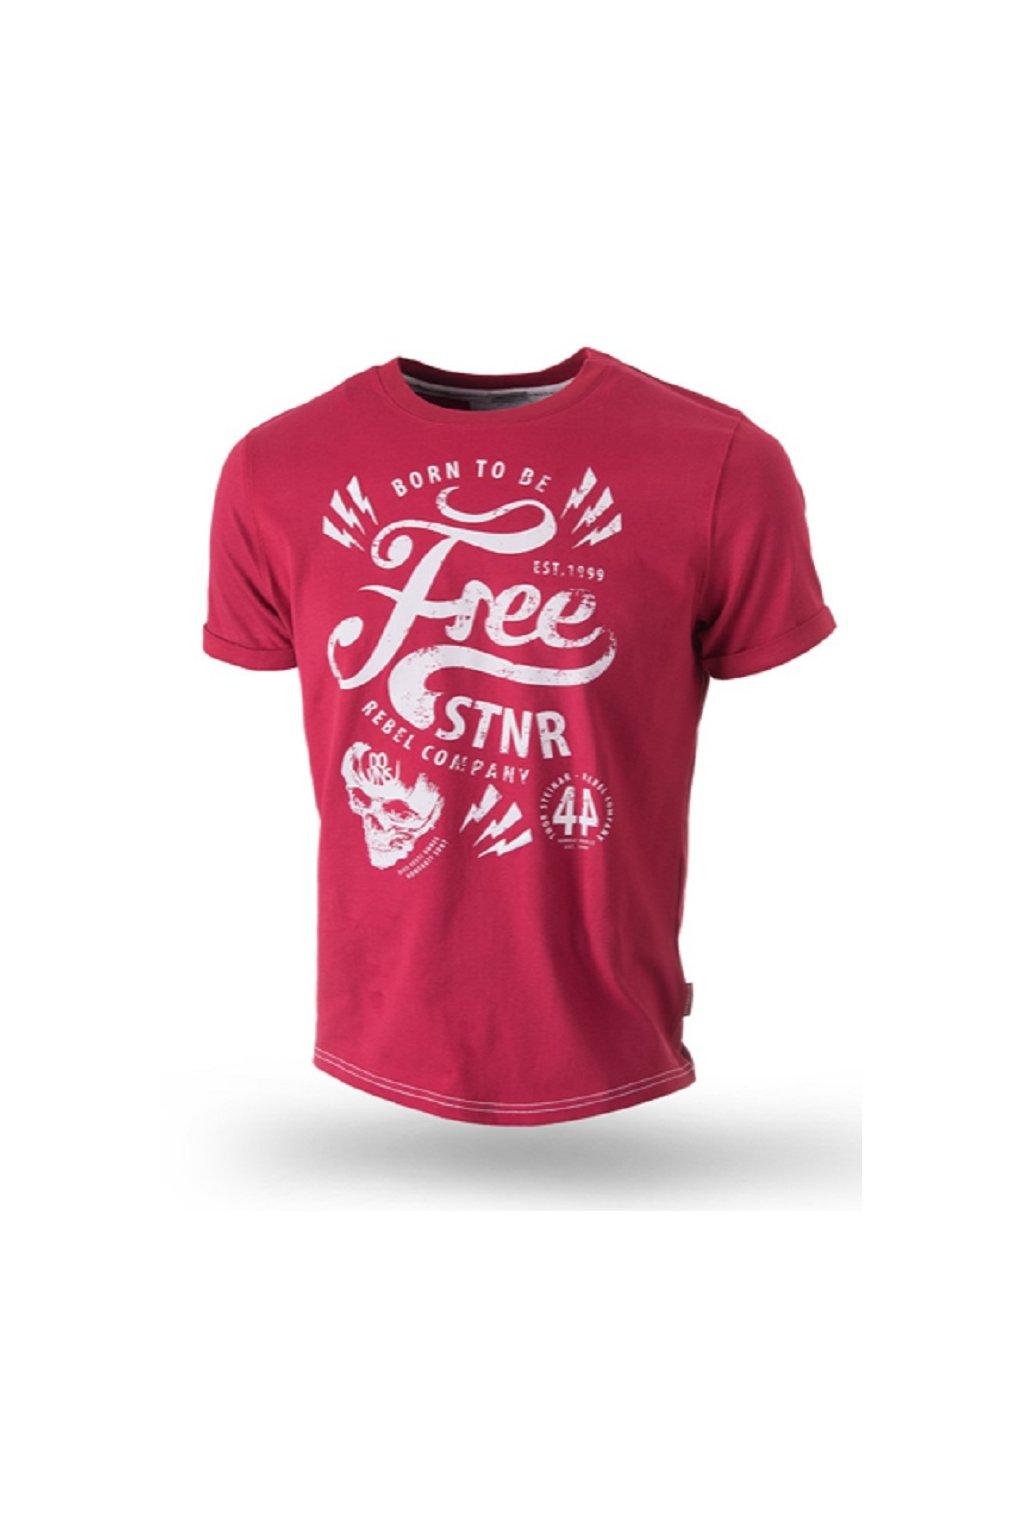 Thor Steinar pánské triko FREE STNR červená obr1